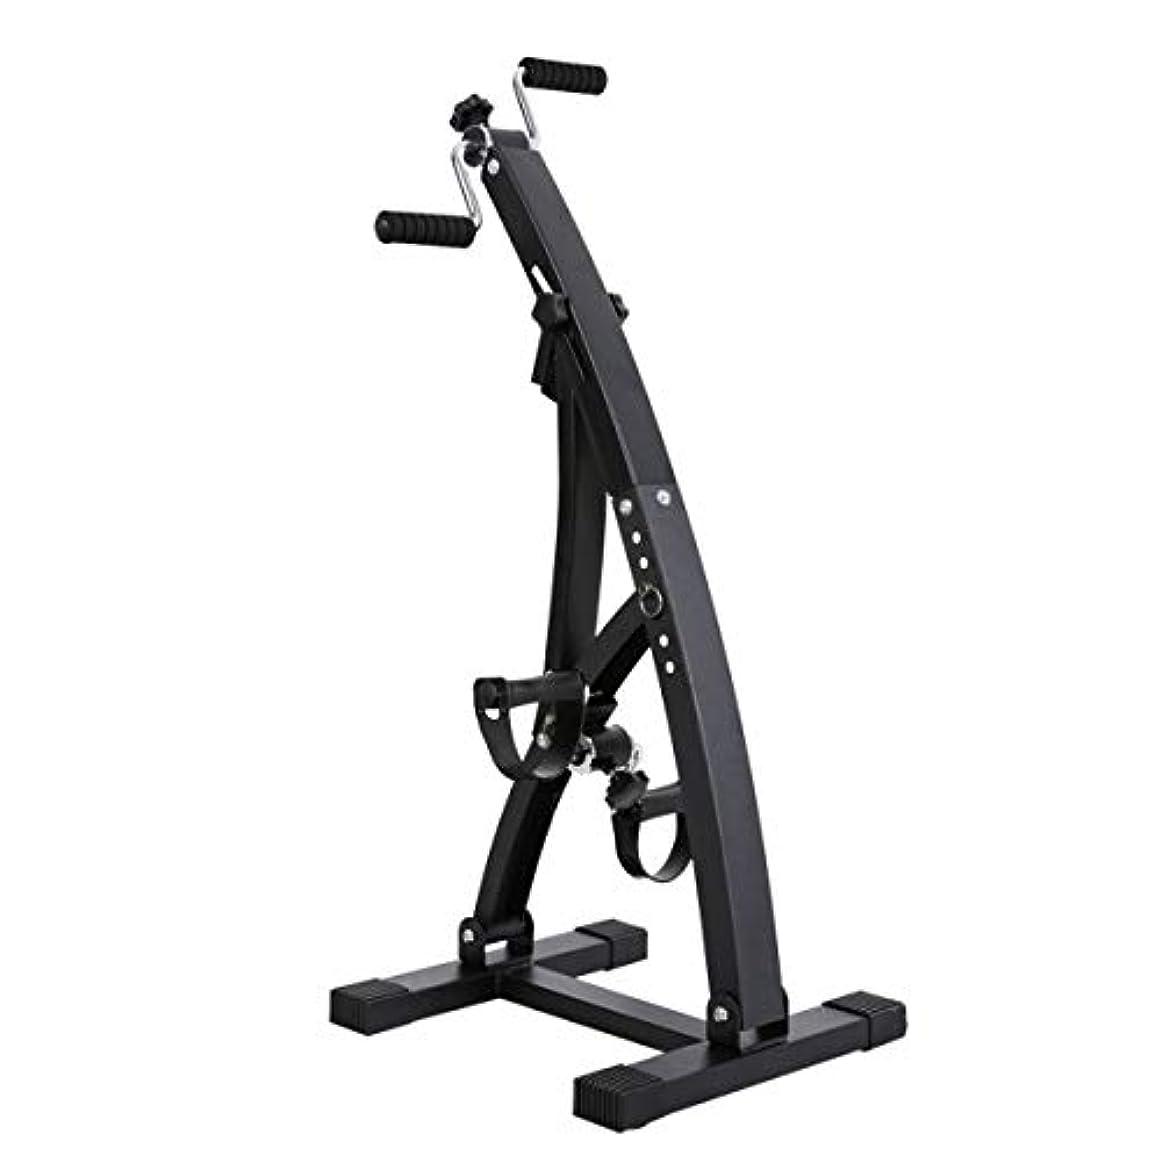 ハーブ大きさ前件メディカル全身エクササイザー、 折り畳み式の腕と脚のペダルエクササイザー、上肢および下肢のトレーニング機器、筋萎縮リハビリテーション訓練を防ぐ,A